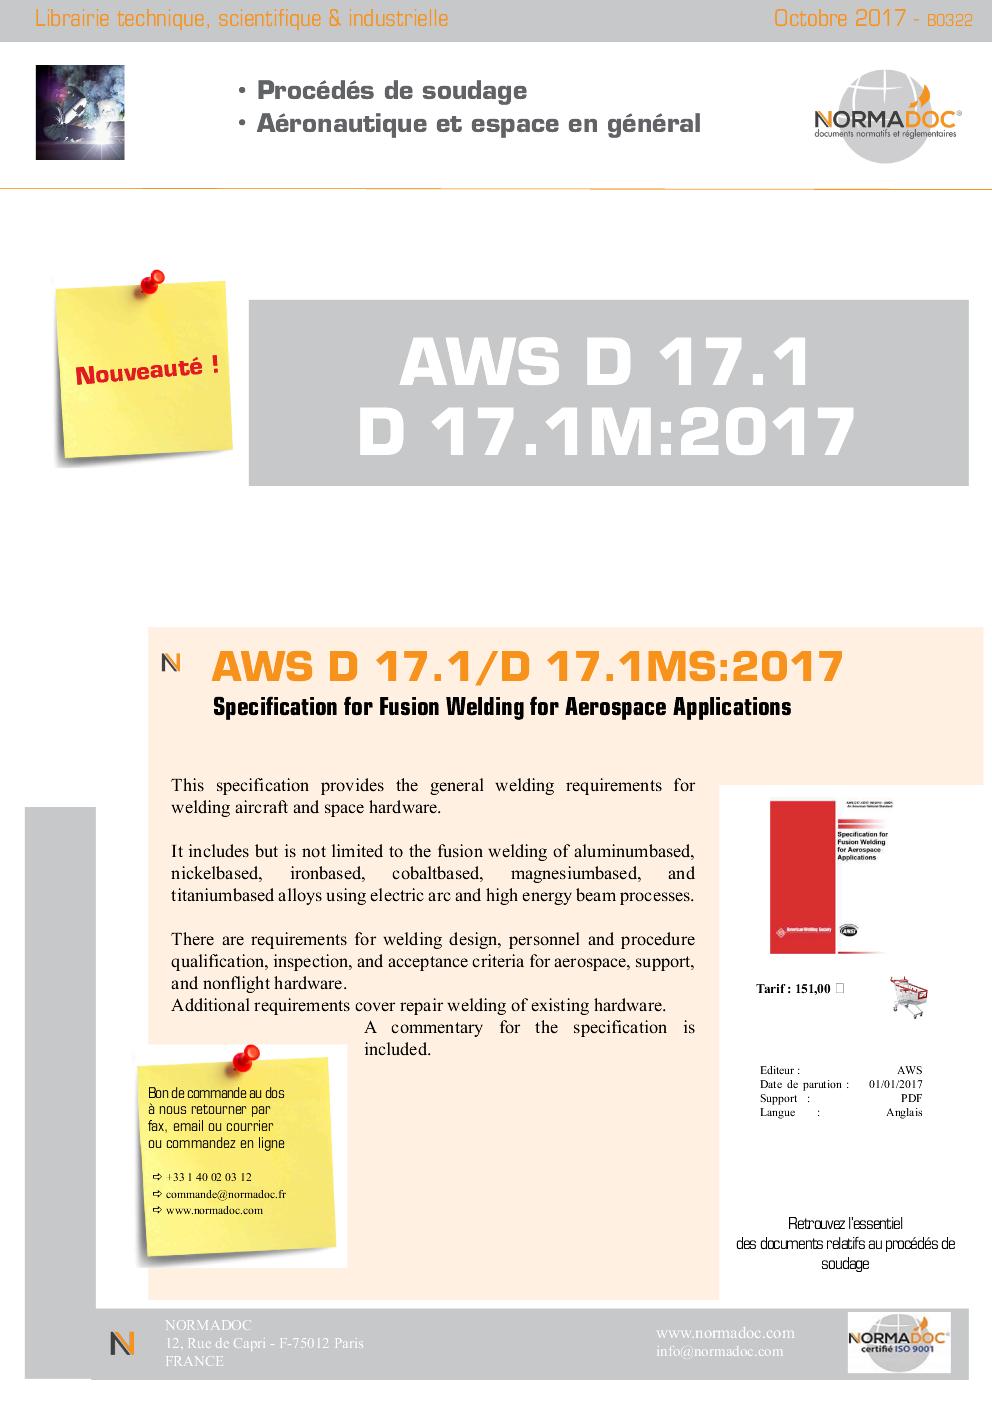 AWS D 17.1/D 17.1M:2017